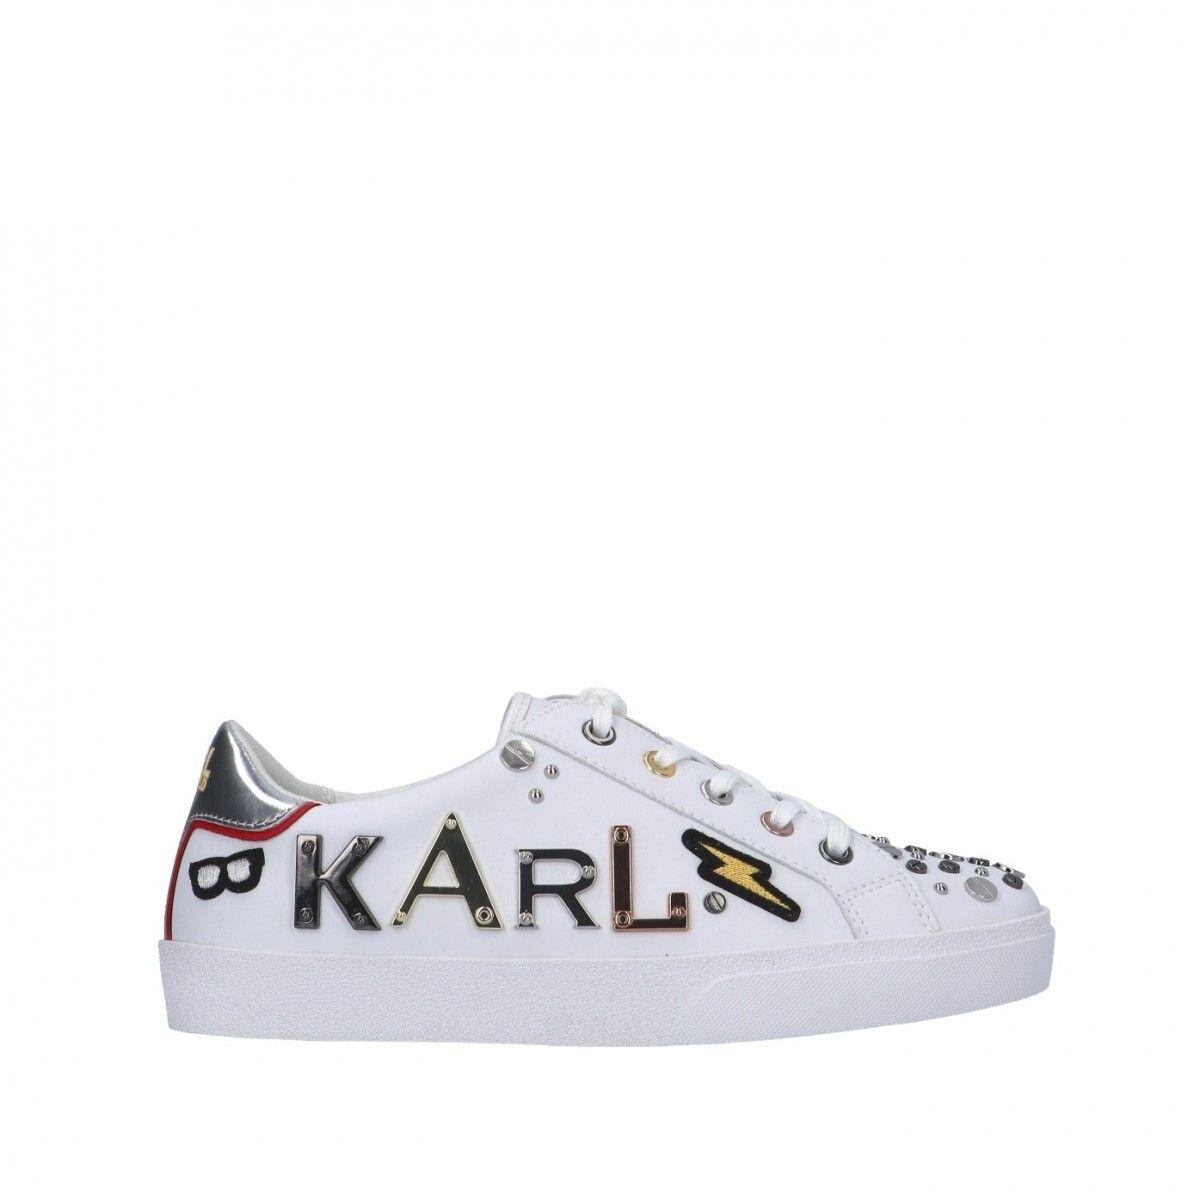 Karl lagerfeld Sneaker...